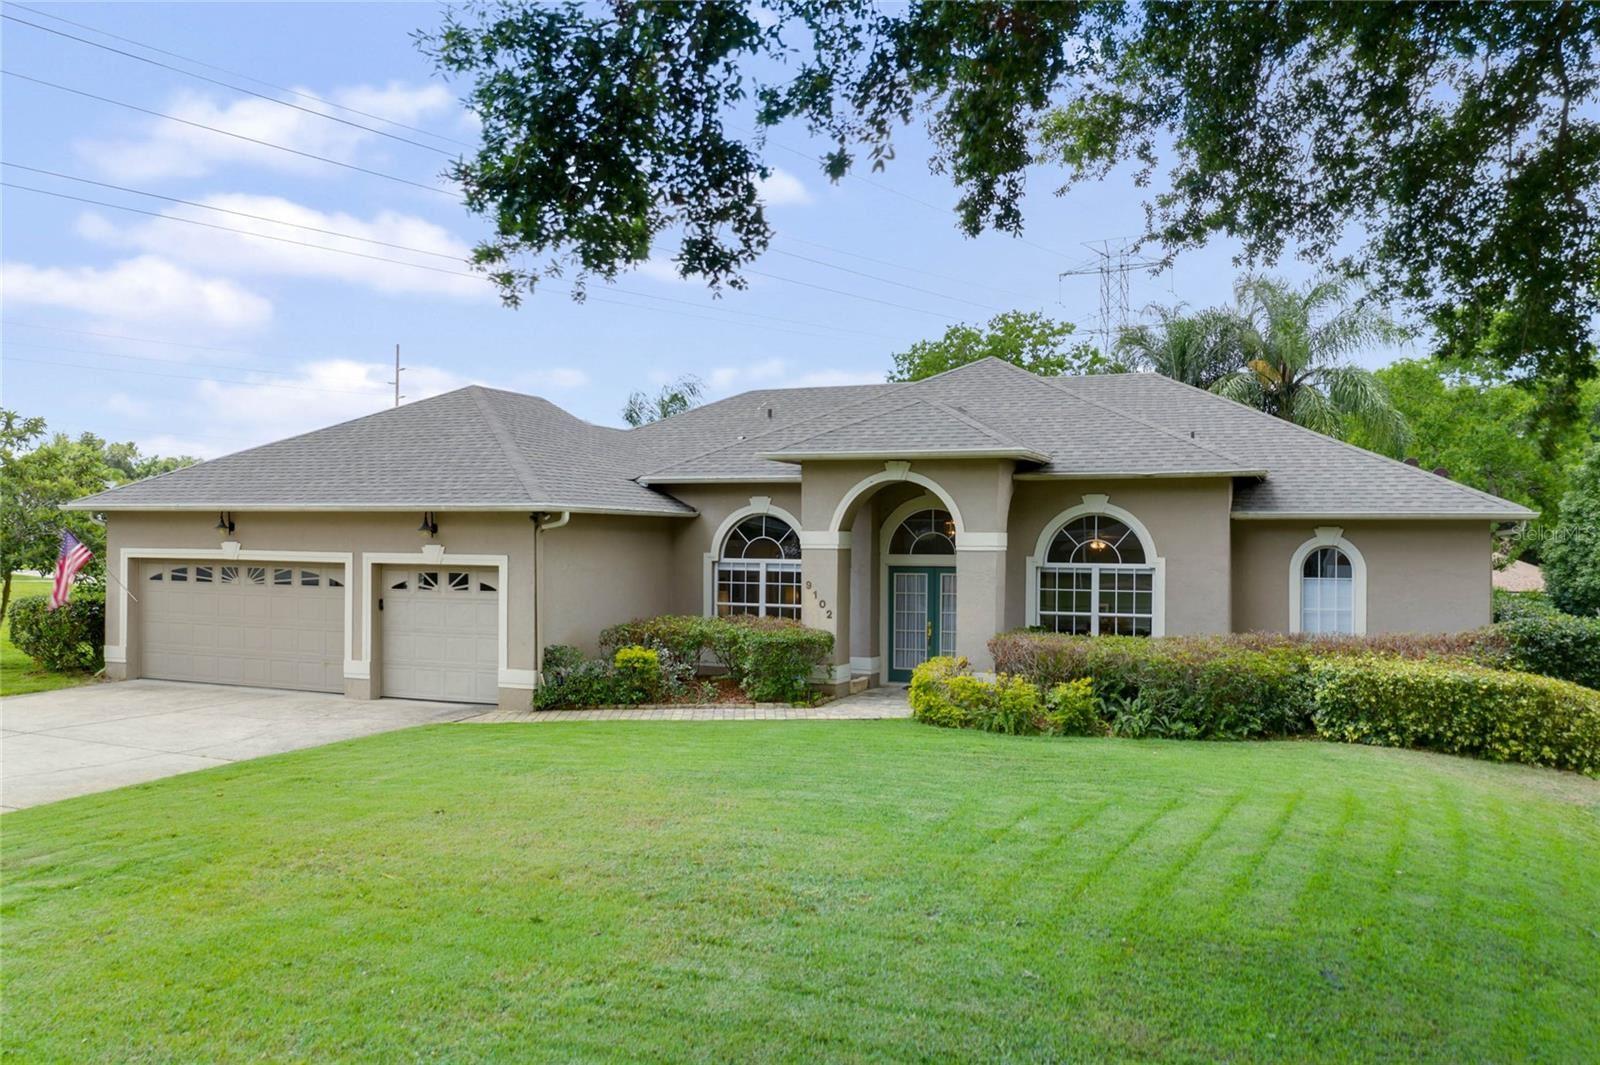 9102 N BAY BOULEVARD, Orlando, FL 32819 - MLS#: O5946824